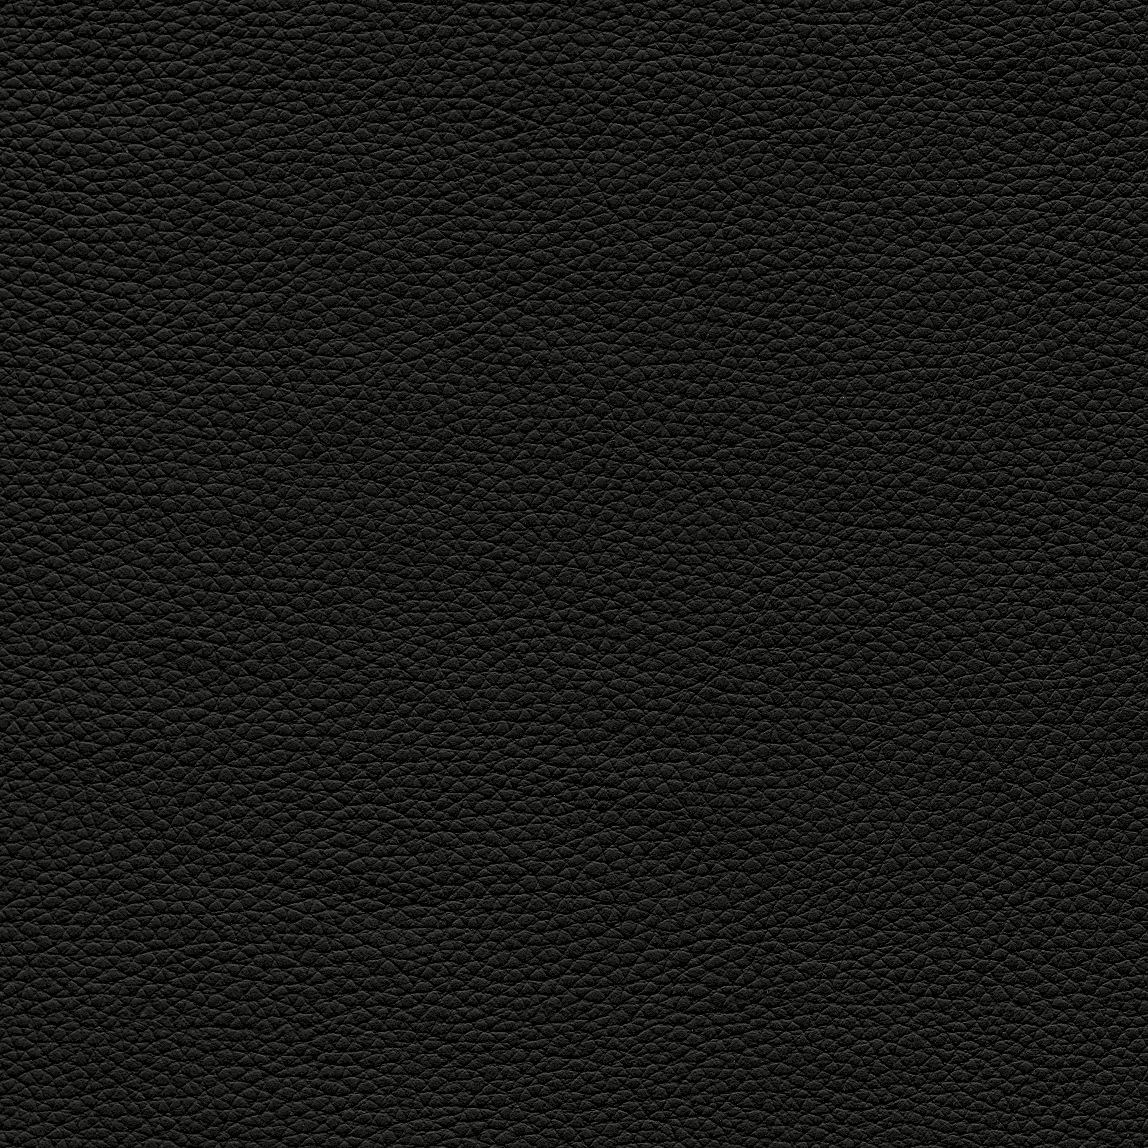 Denver Leather Black Swatch